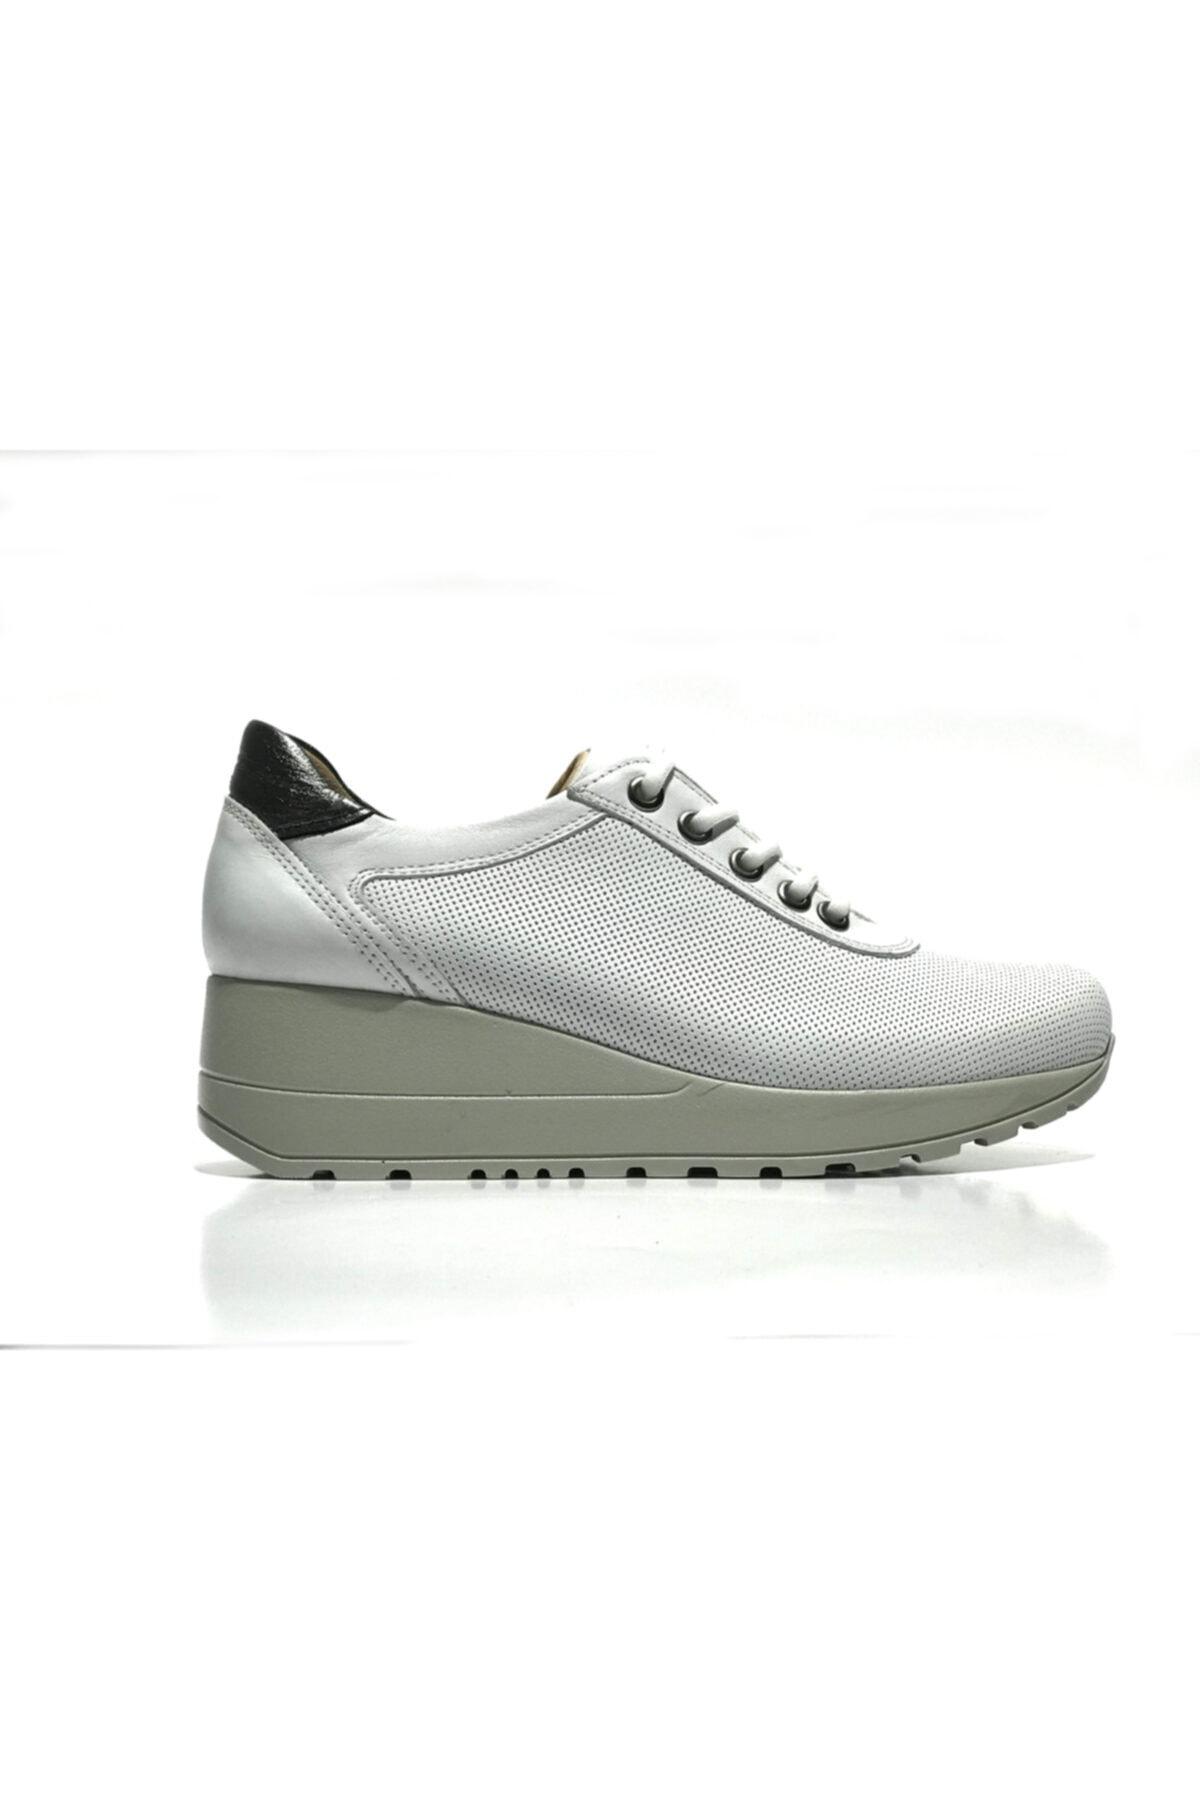 EQUE 6025 Kadın Ayakkabı 1